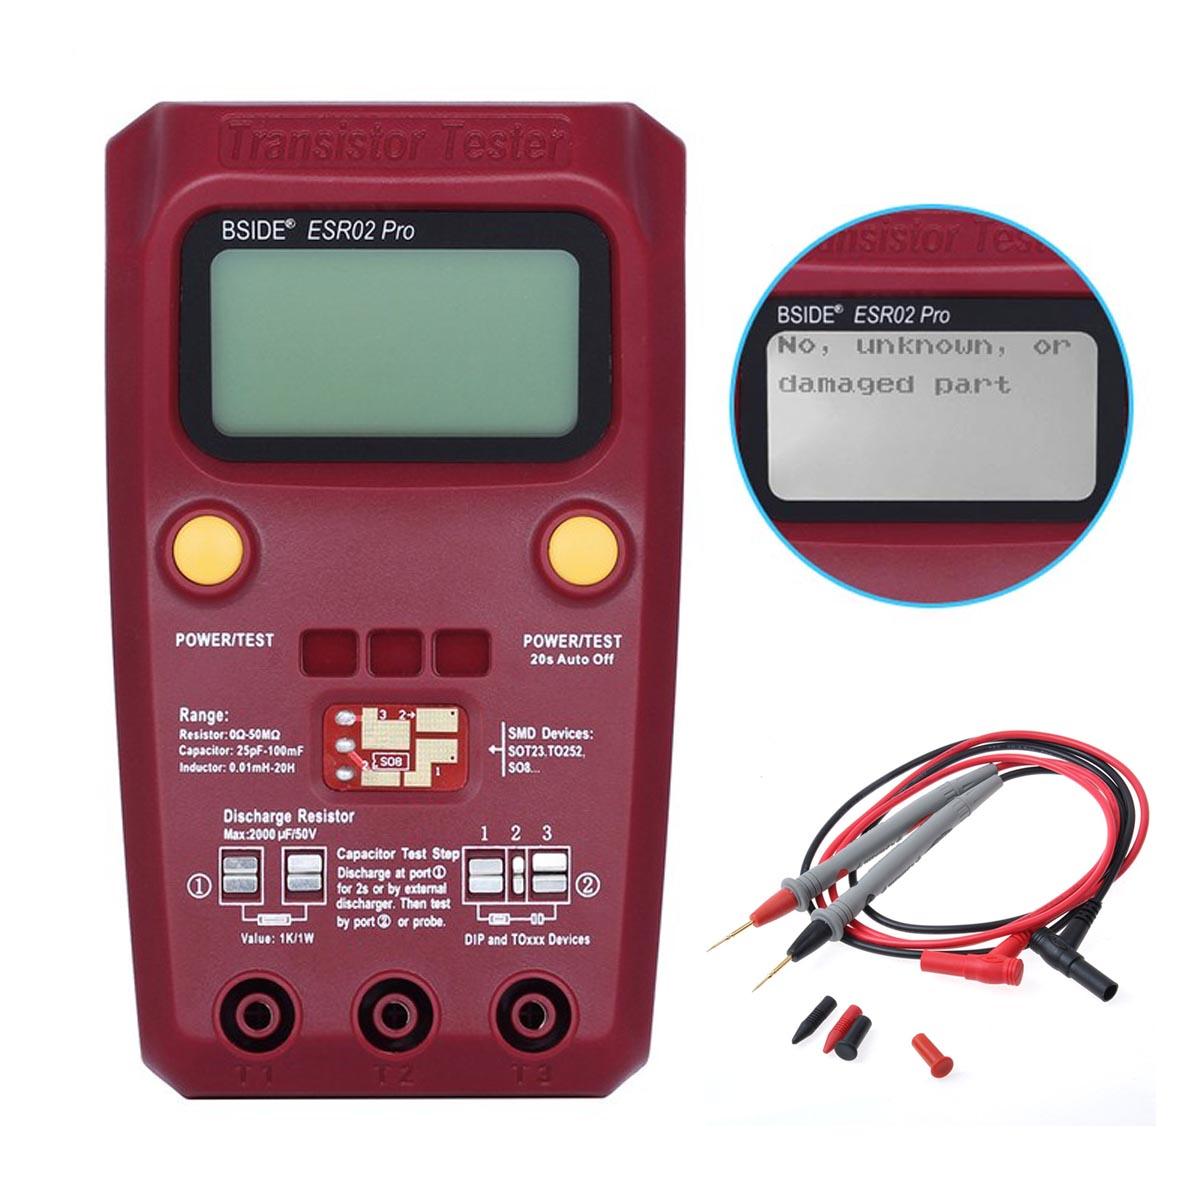 M121 BSIDE ESR02 PRO Digital Transistor SMD components Testers Diode Triode Capacitance inductance multimeter ESR meter